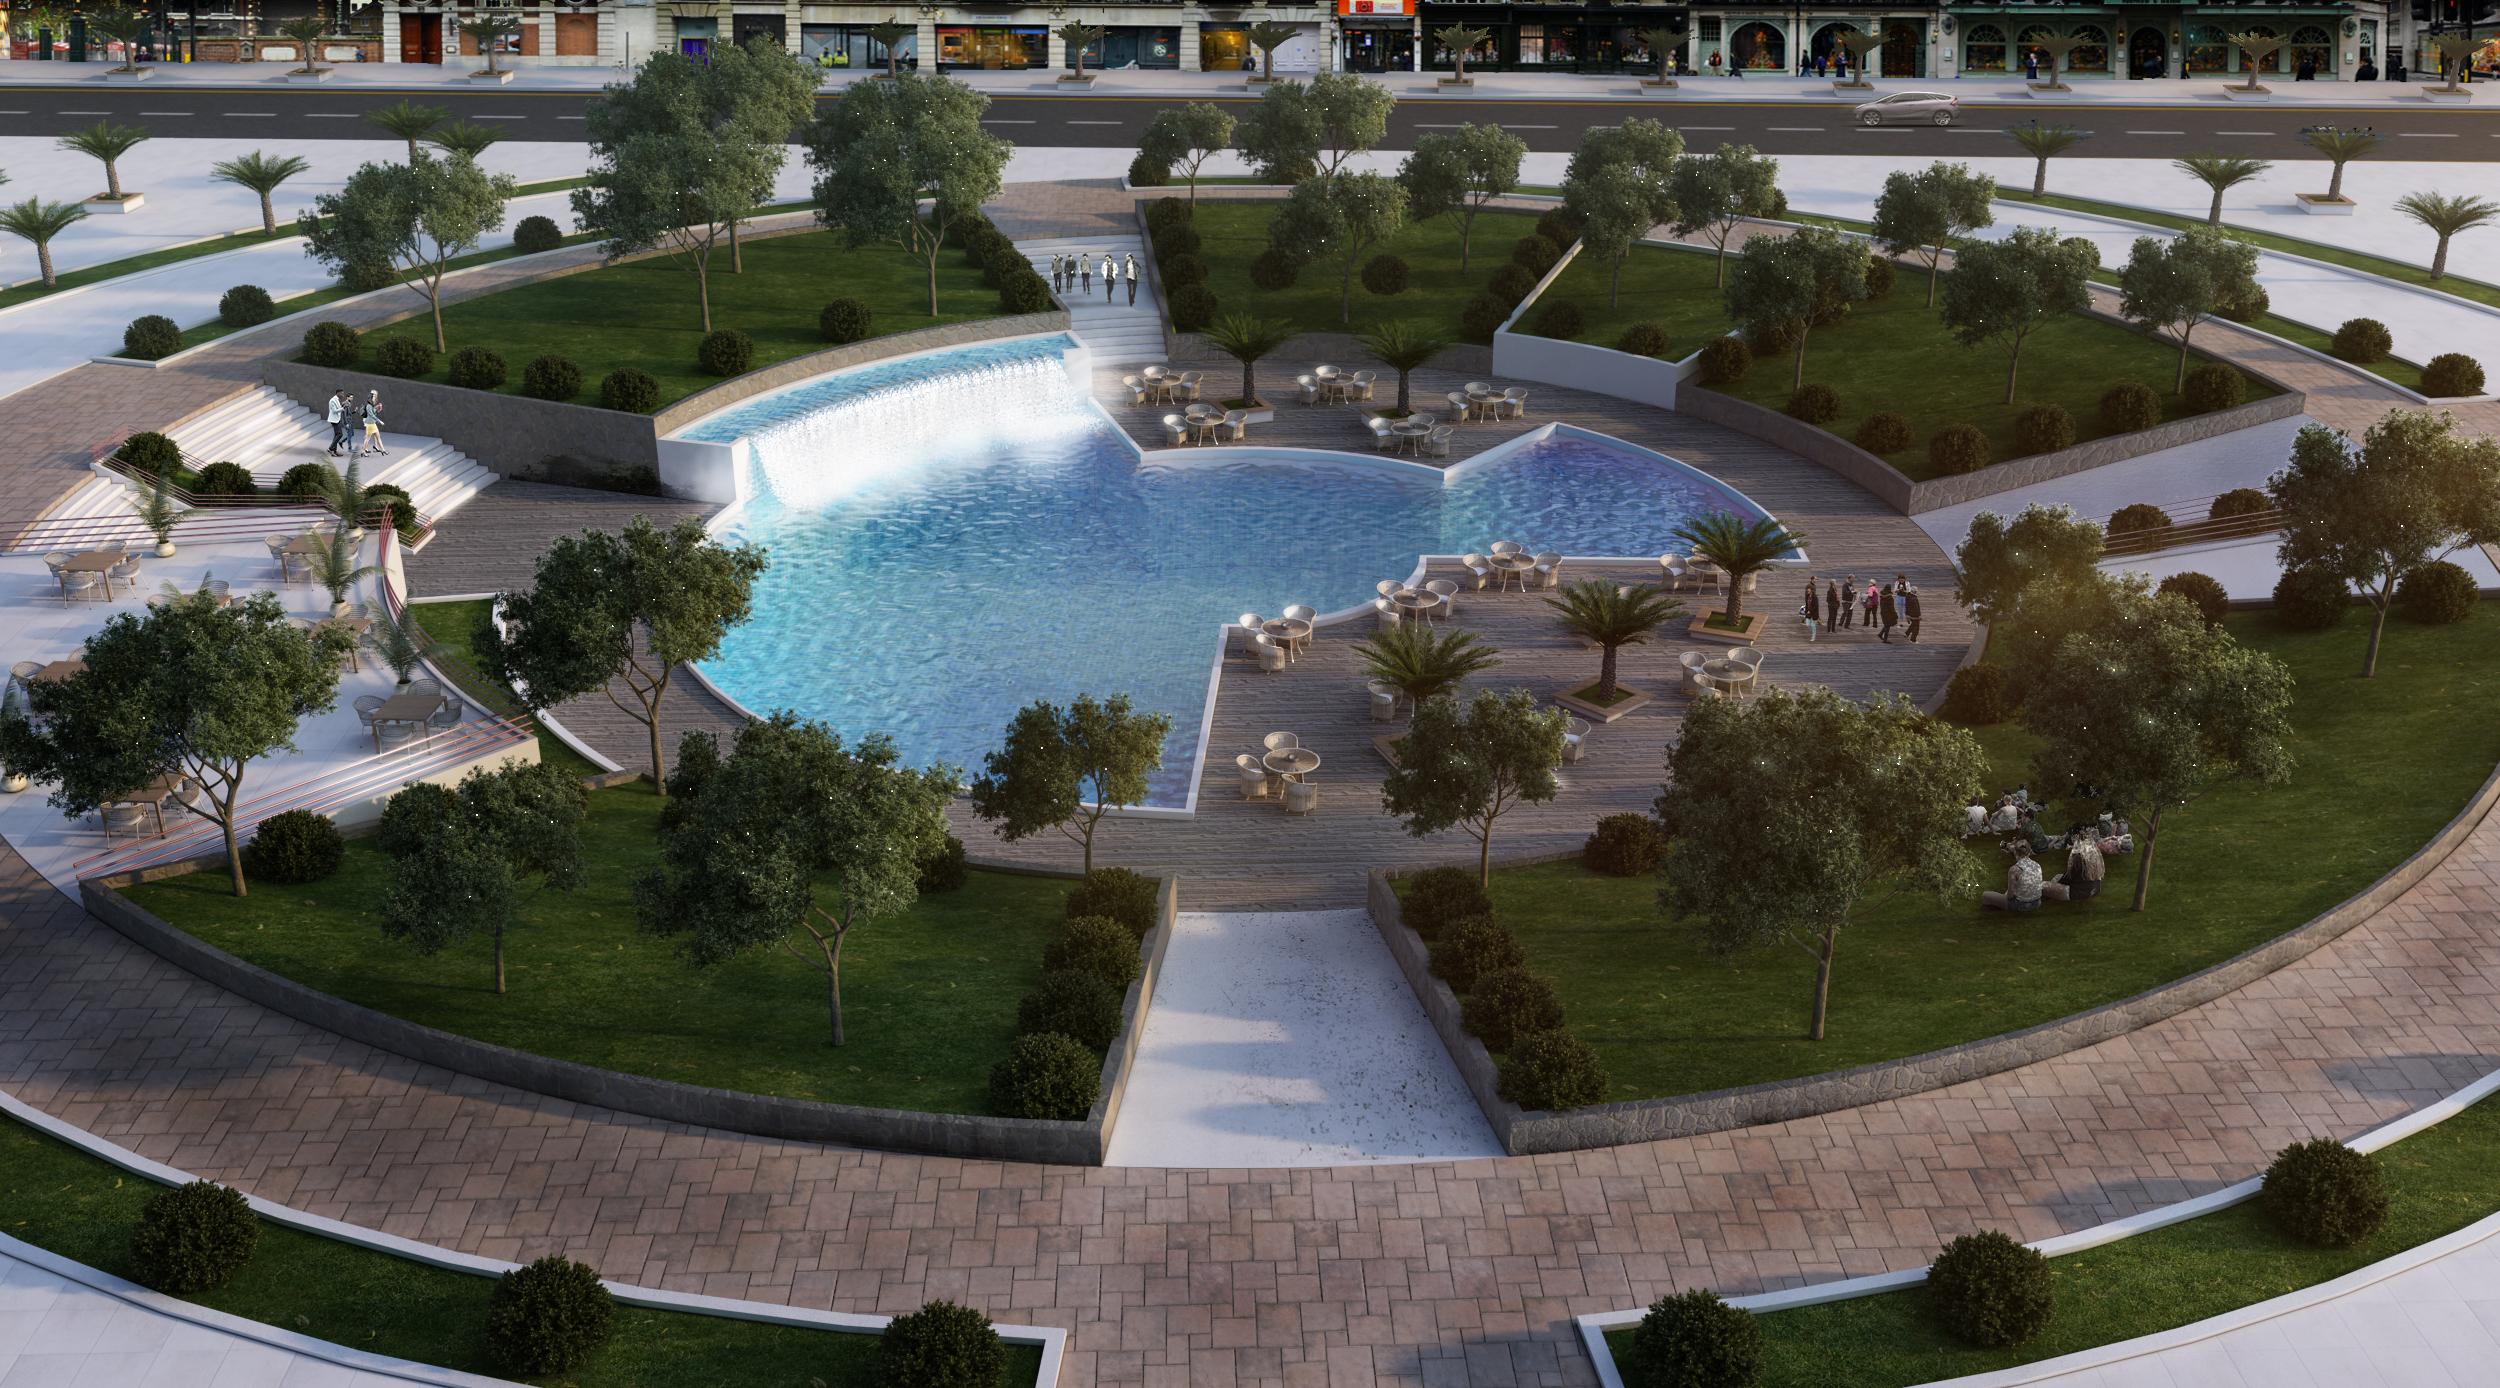 public square in Jeddah